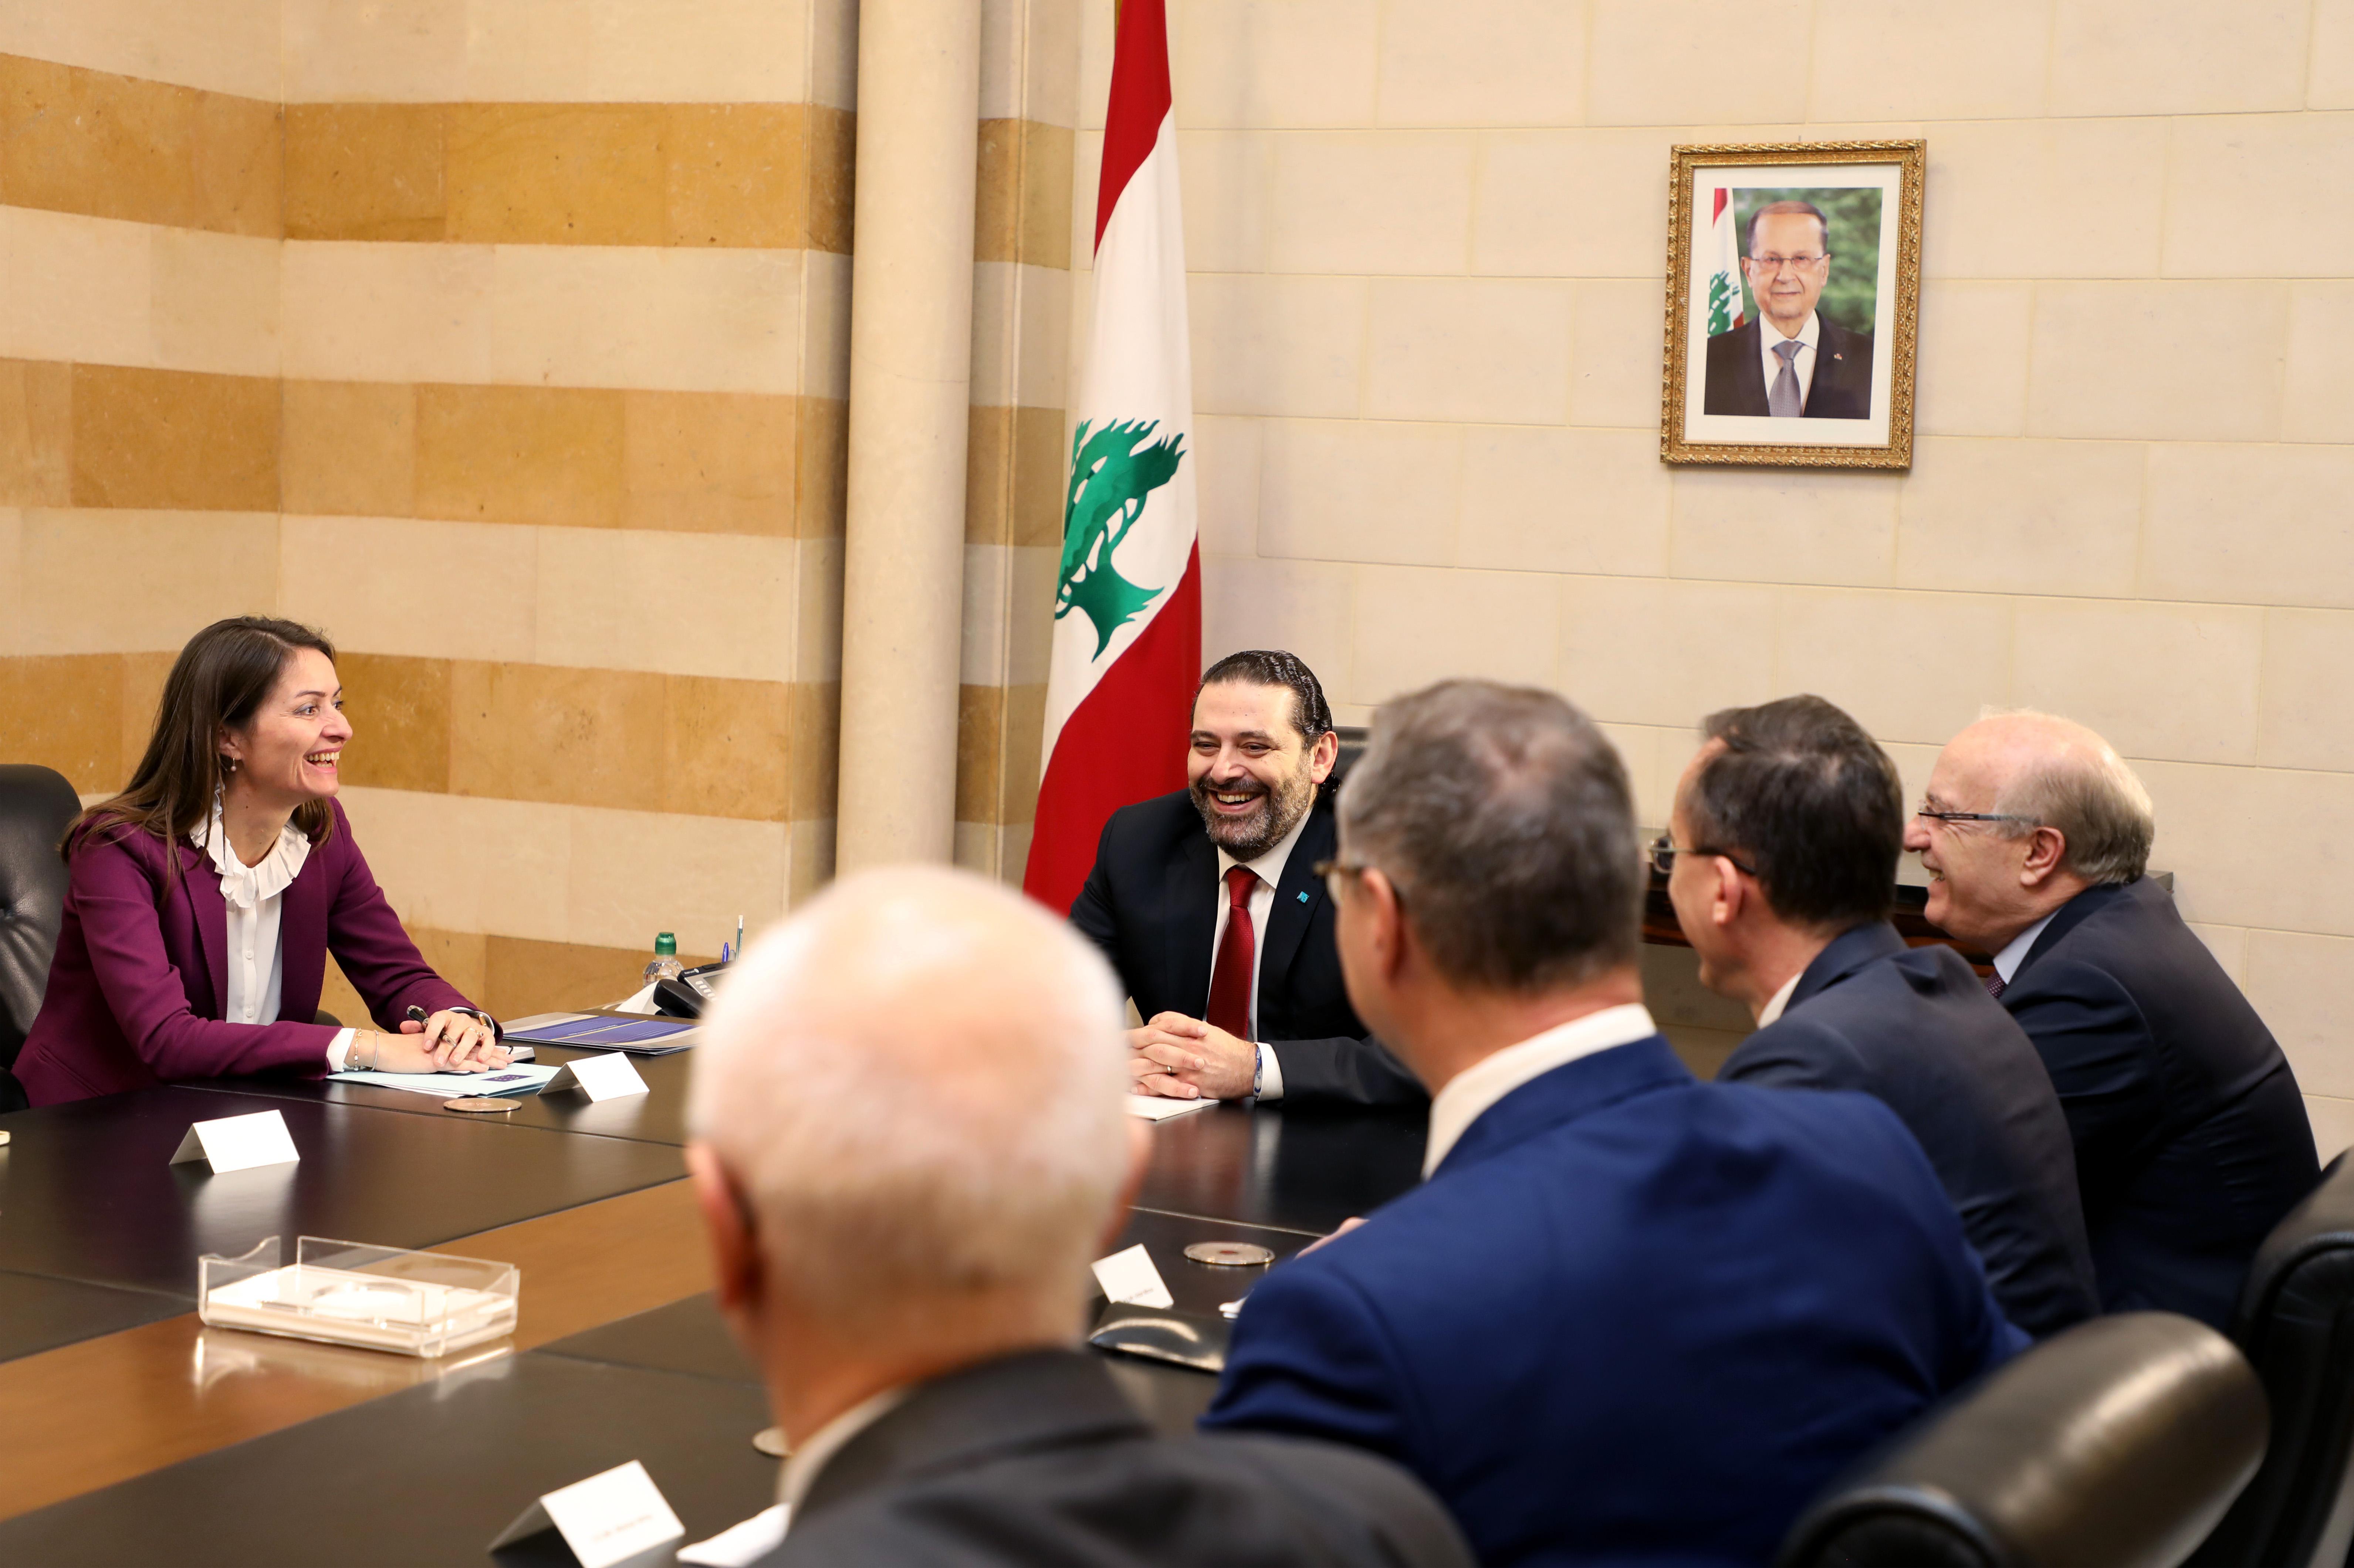 Pr Minister Saad Hariri meets European Ambassador 2